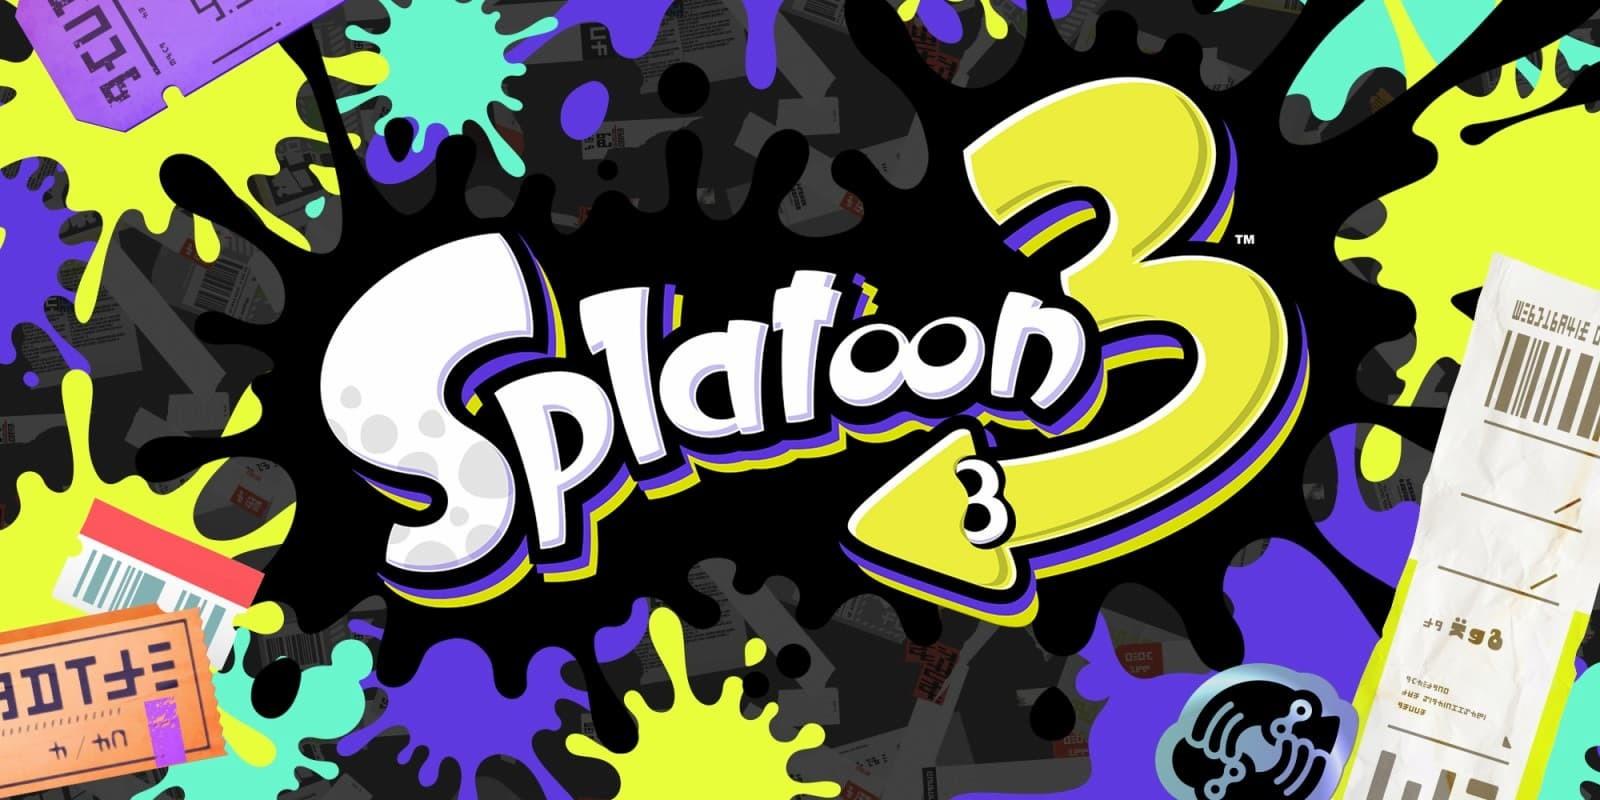 Splatoon 3 logo